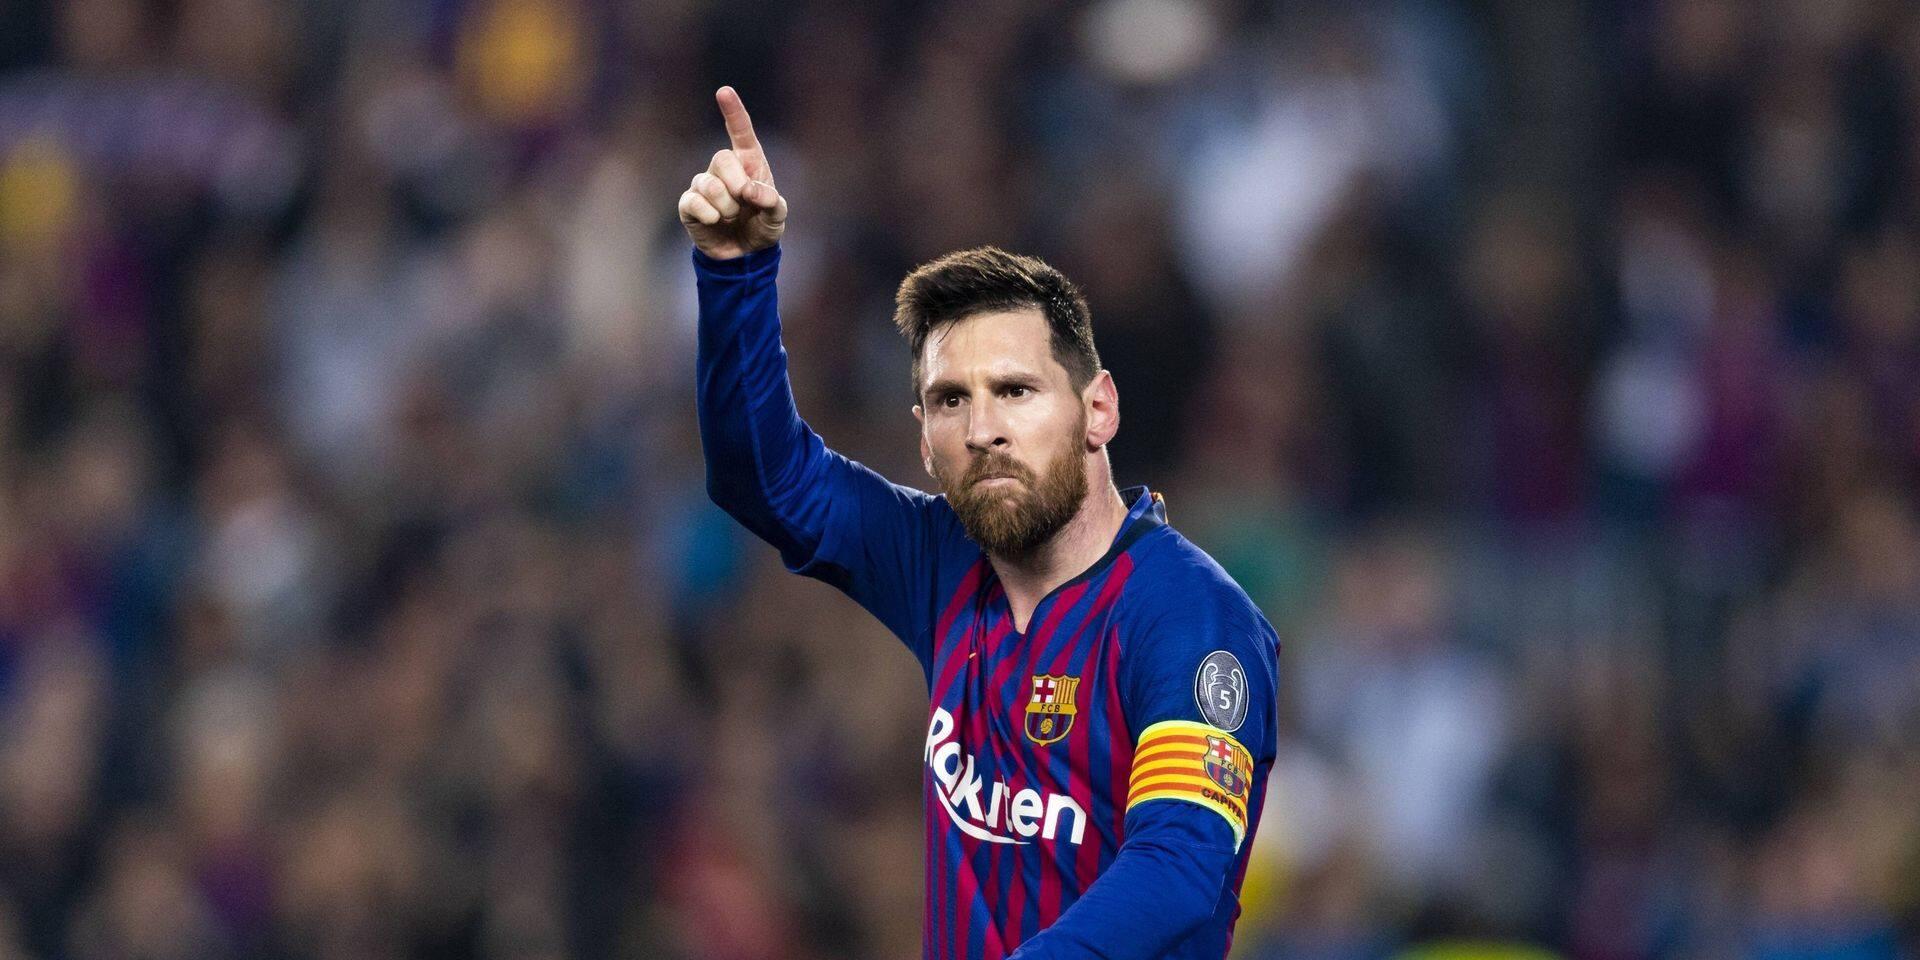 Déplacement périlleux à Grenade pour le FC Barcelone en quarts de finale de Coupe du Roi